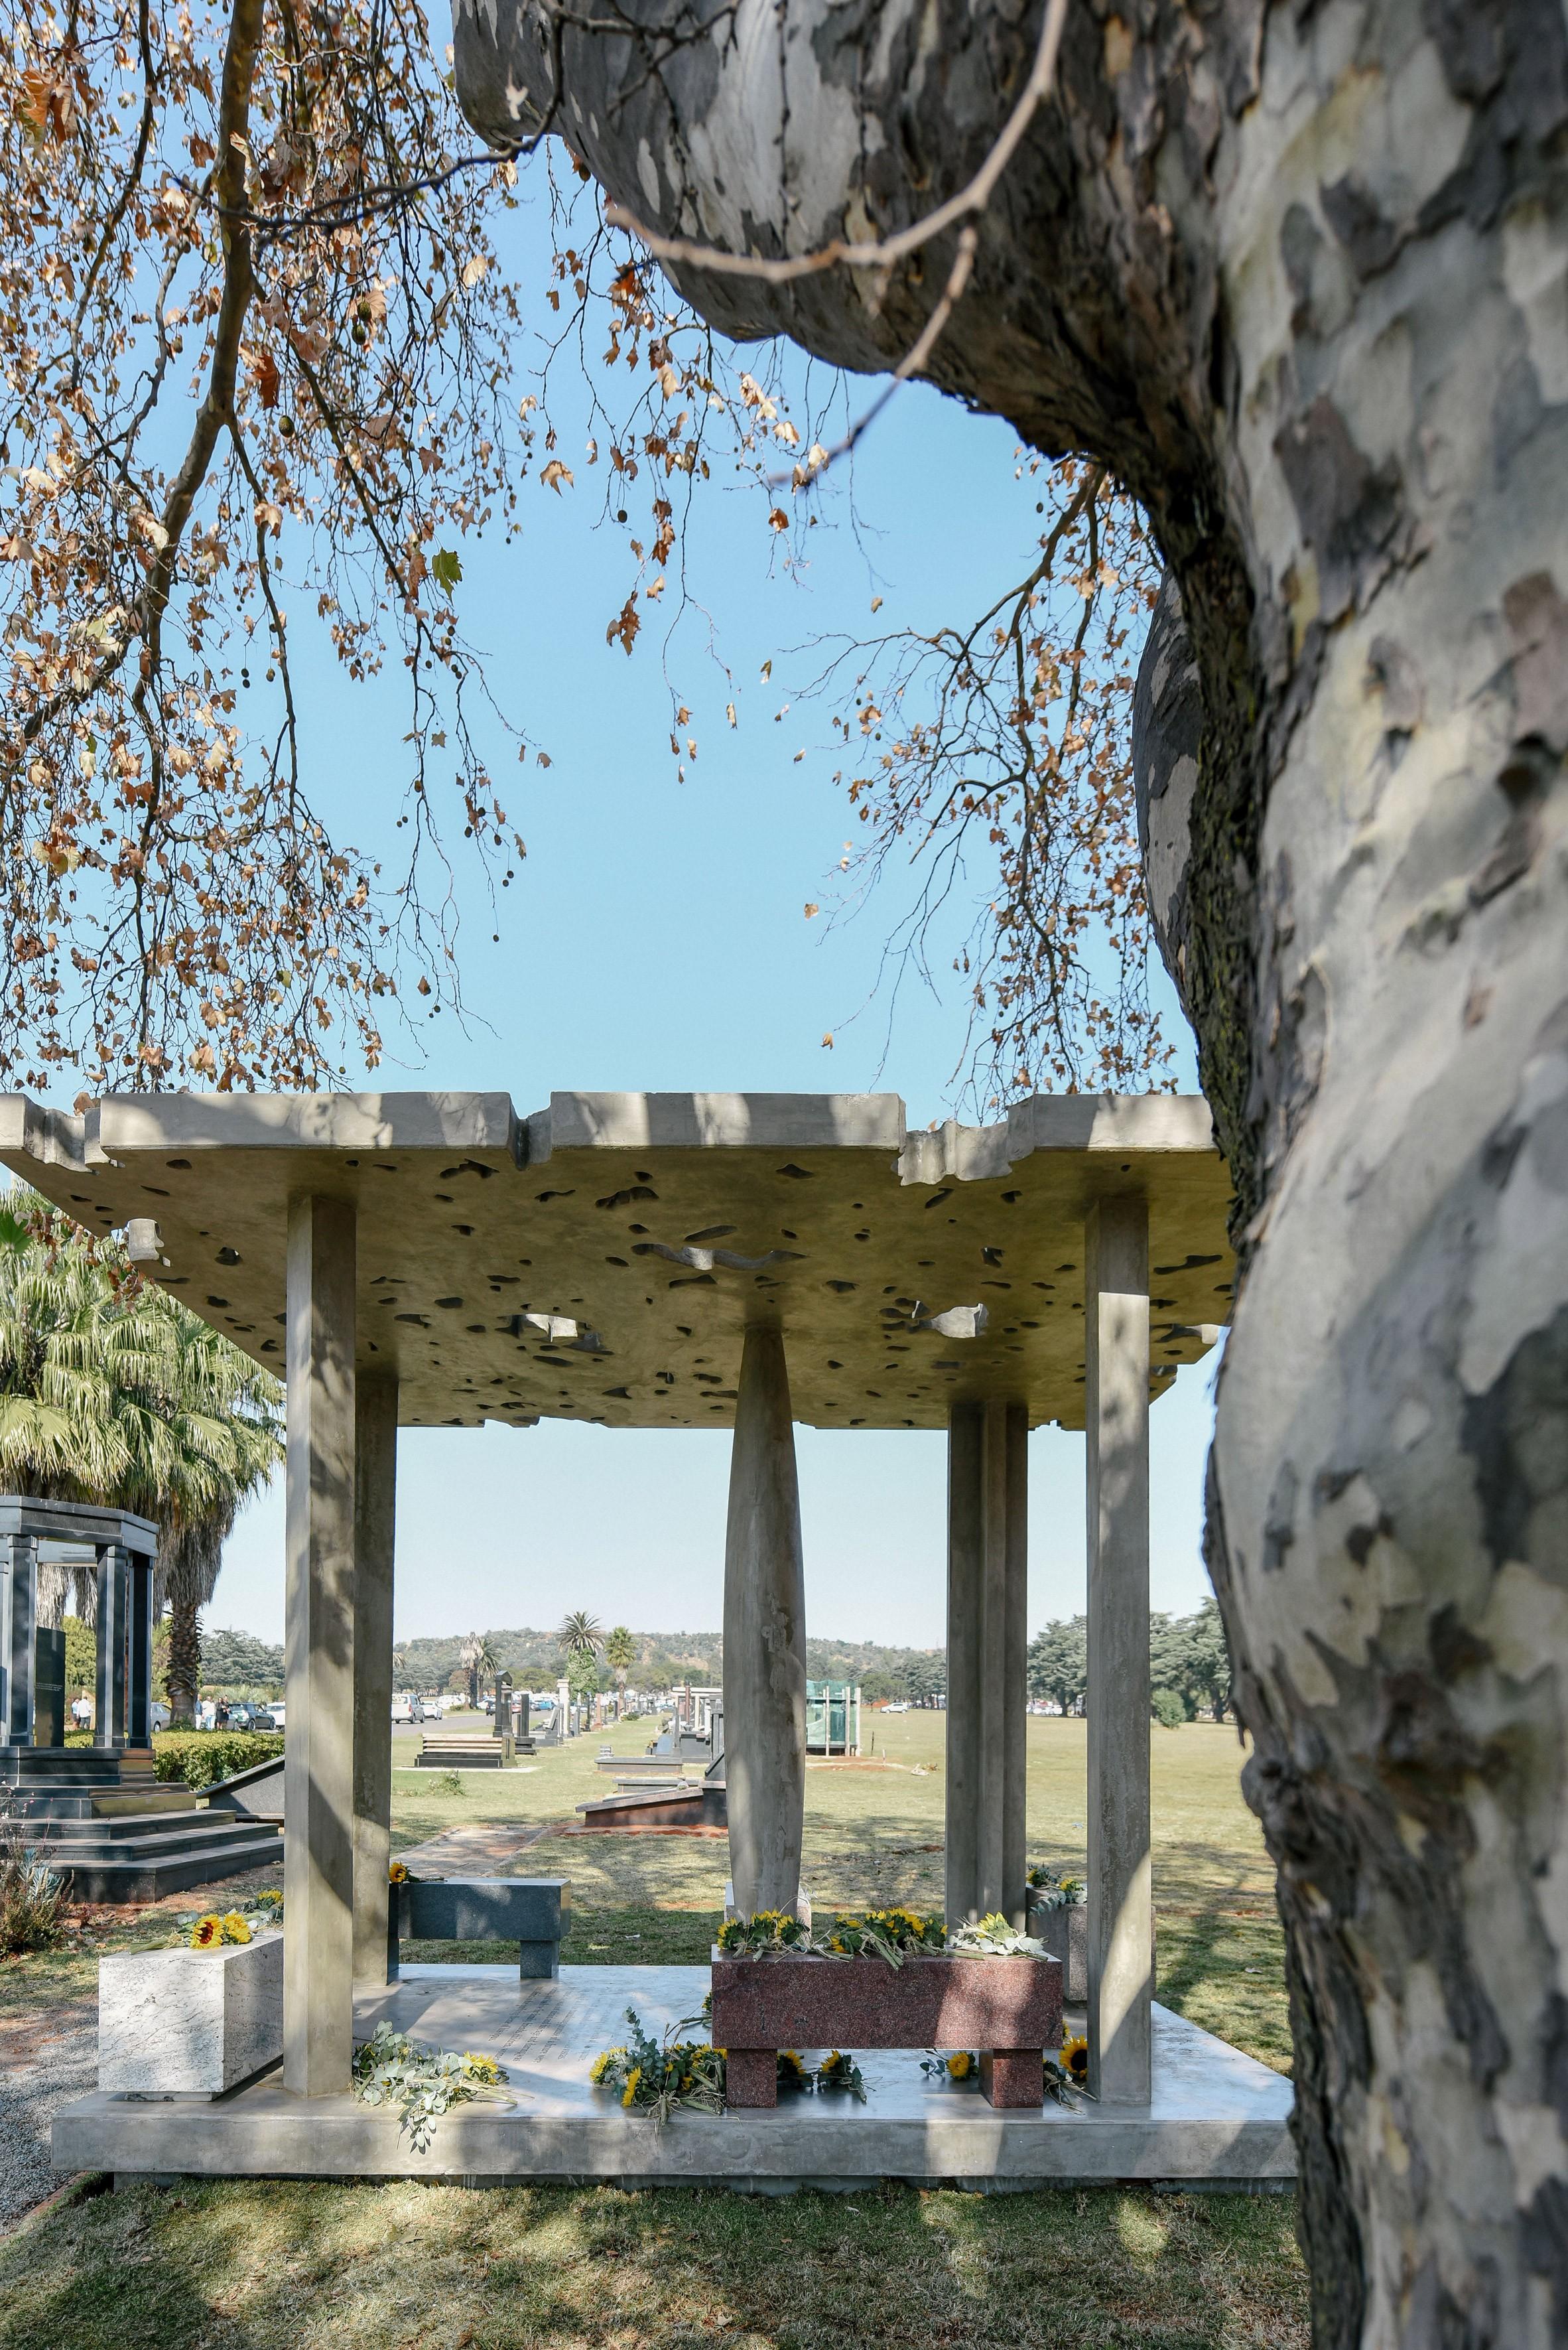 O pavilhão de concreto em Joanesburgo em homenagem ao trompetista Hugh Masekela, conhecido também como Bra Hugh (Foto: Reprodução / Alexi Portokallis)